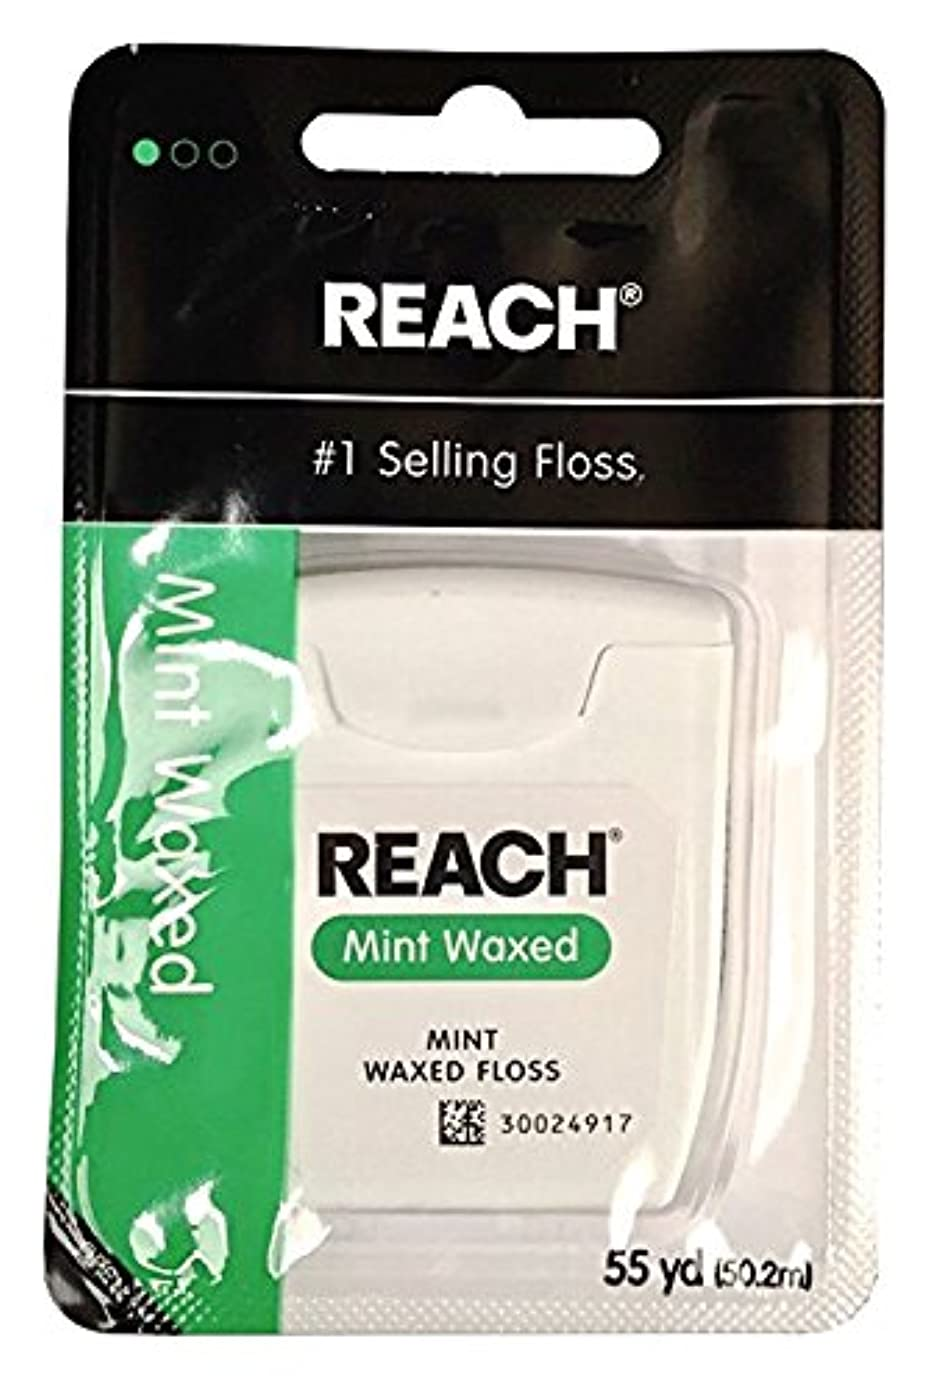 保有者ソフィー冷蔵庫REACH Mint Waxed Floss 55 yds 6 pack (50.2 m) [並行輸入品]